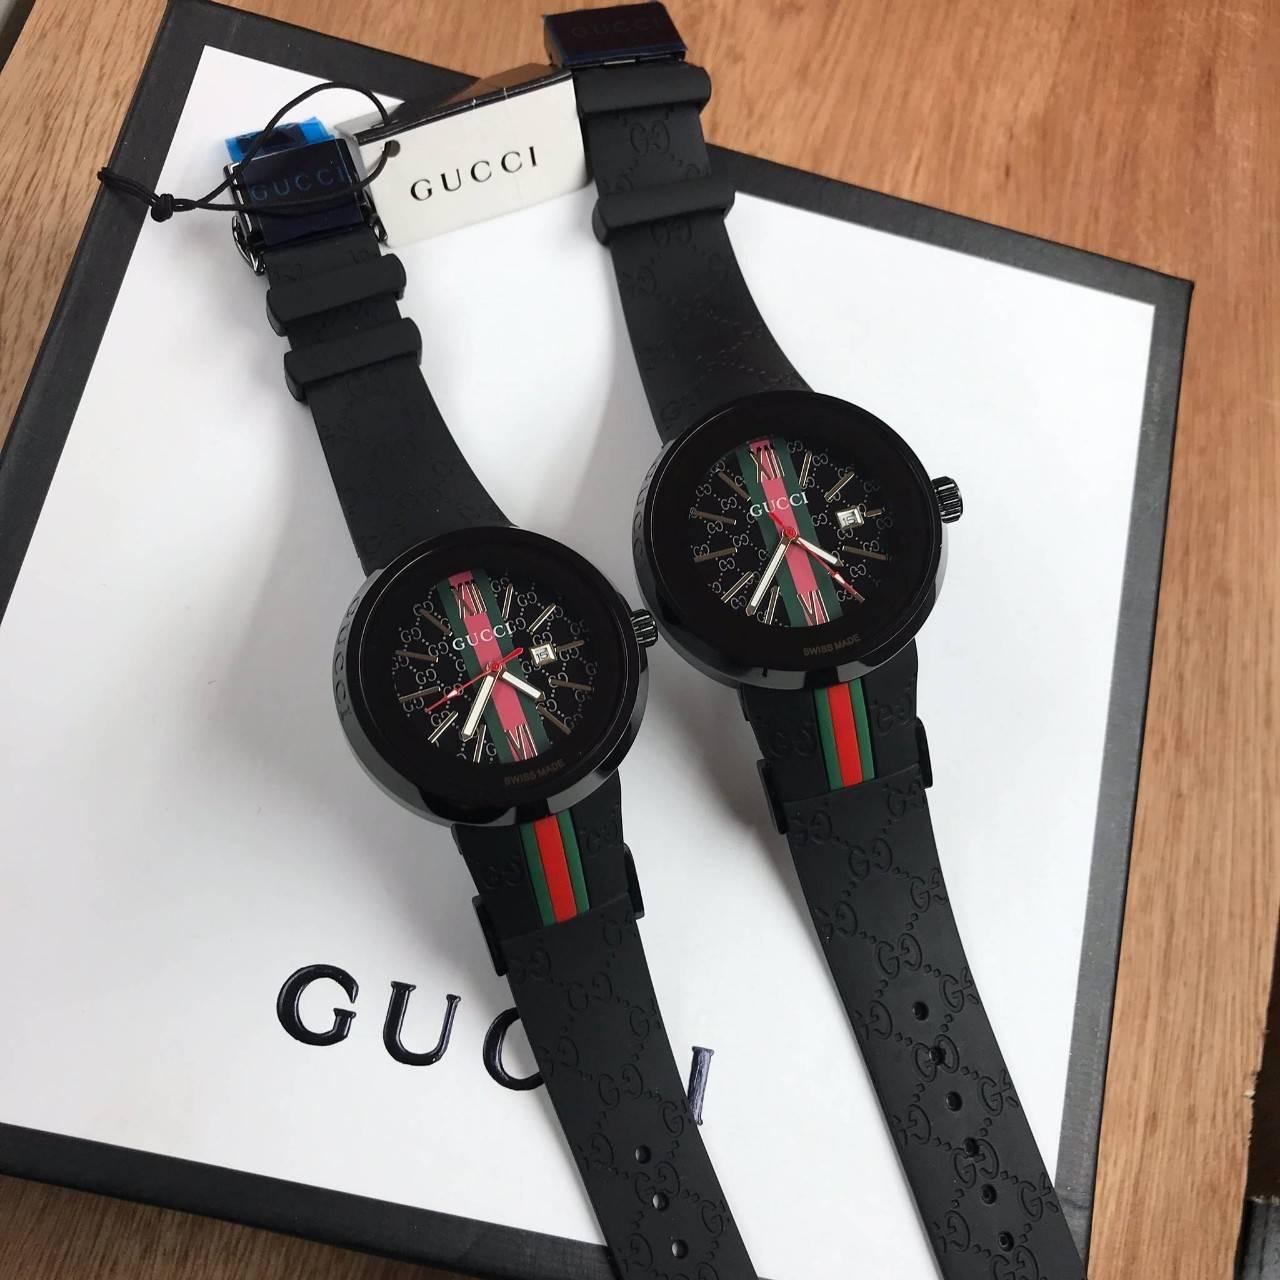 Gucci Watch Black Dial สายยางซิลิโคนก๊อป หน้าปัดดำ